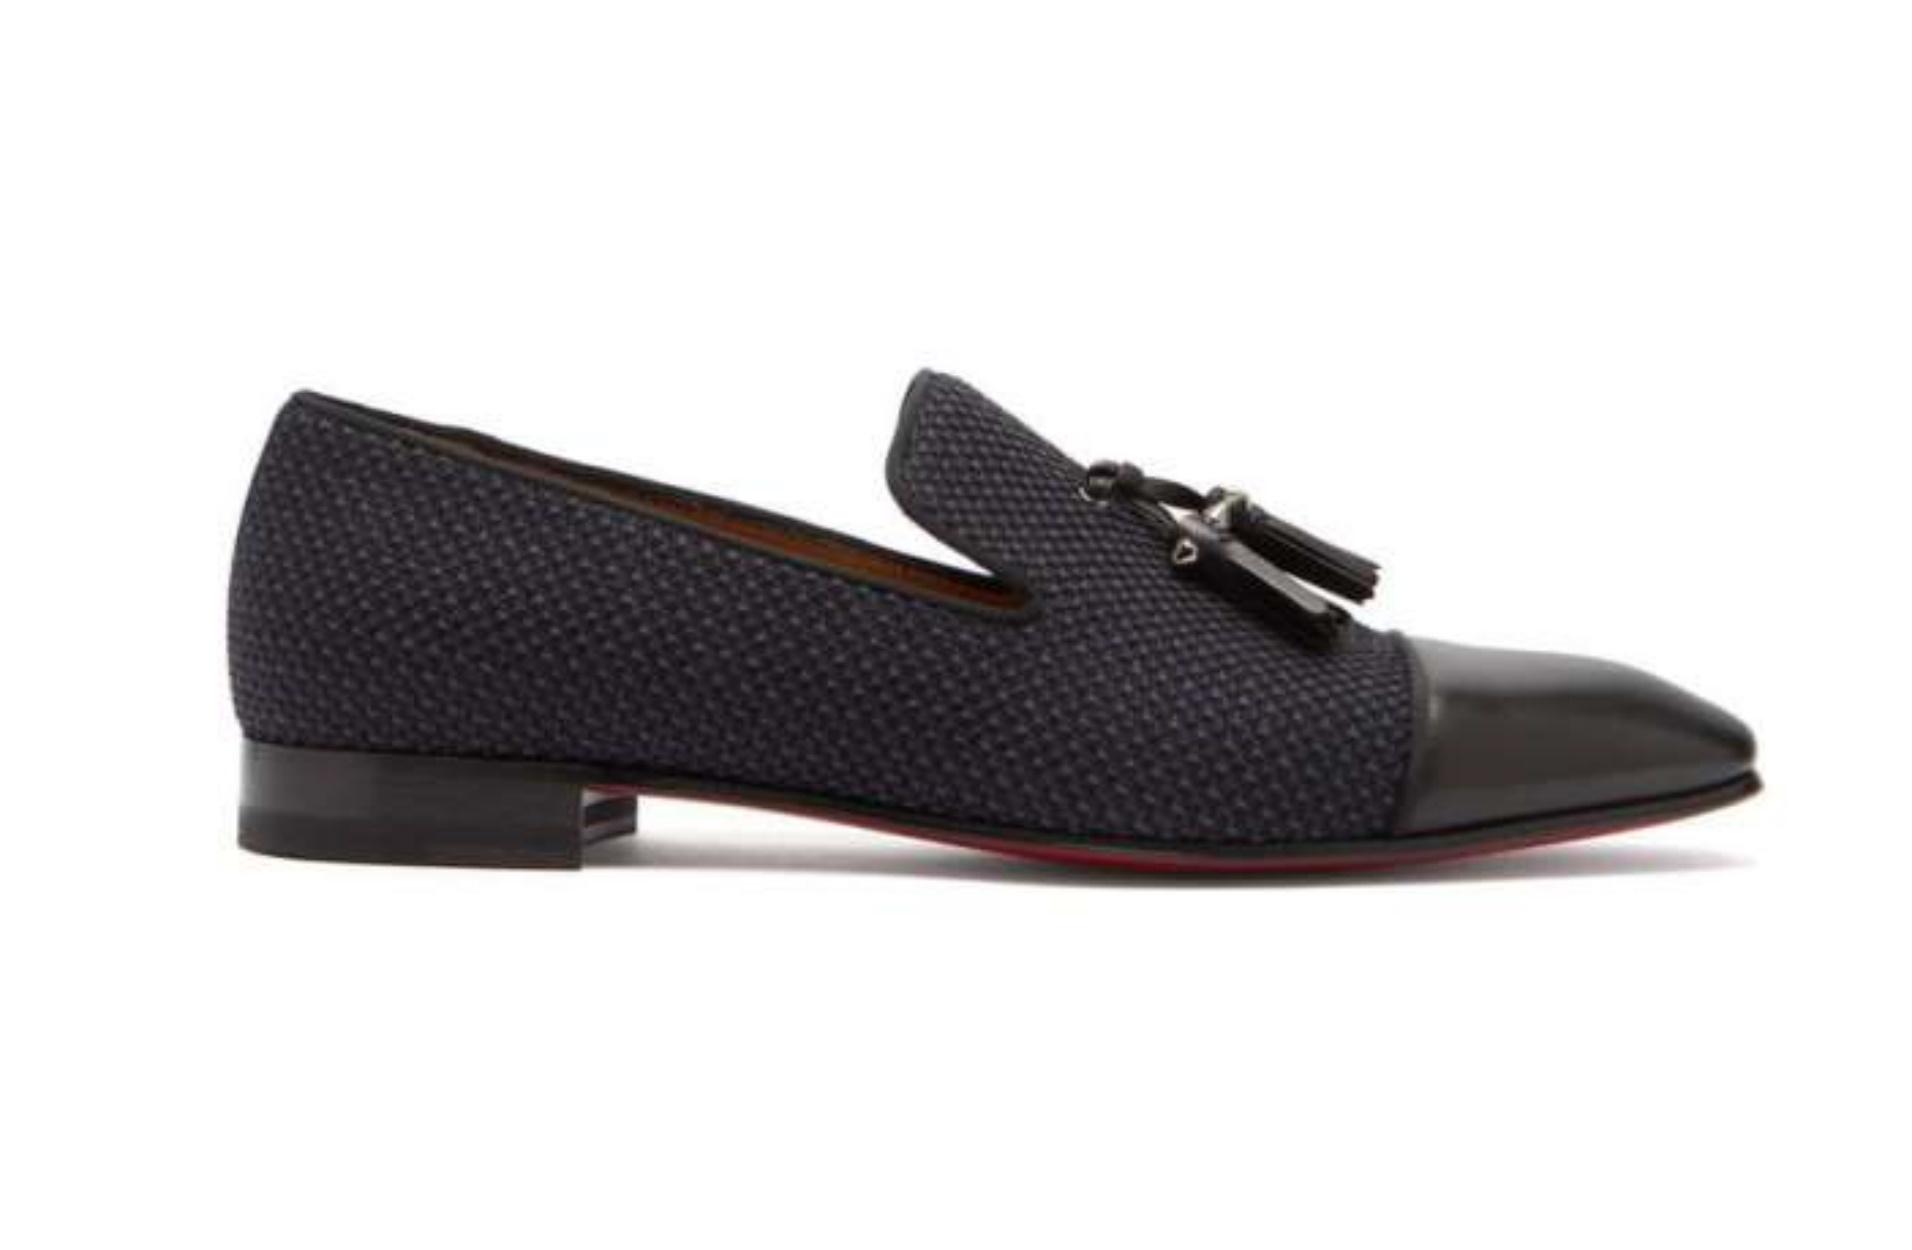 Βρήκαμε τα 10 πιο cool loafers που μπορείτε να φοράτε όλη μέρα